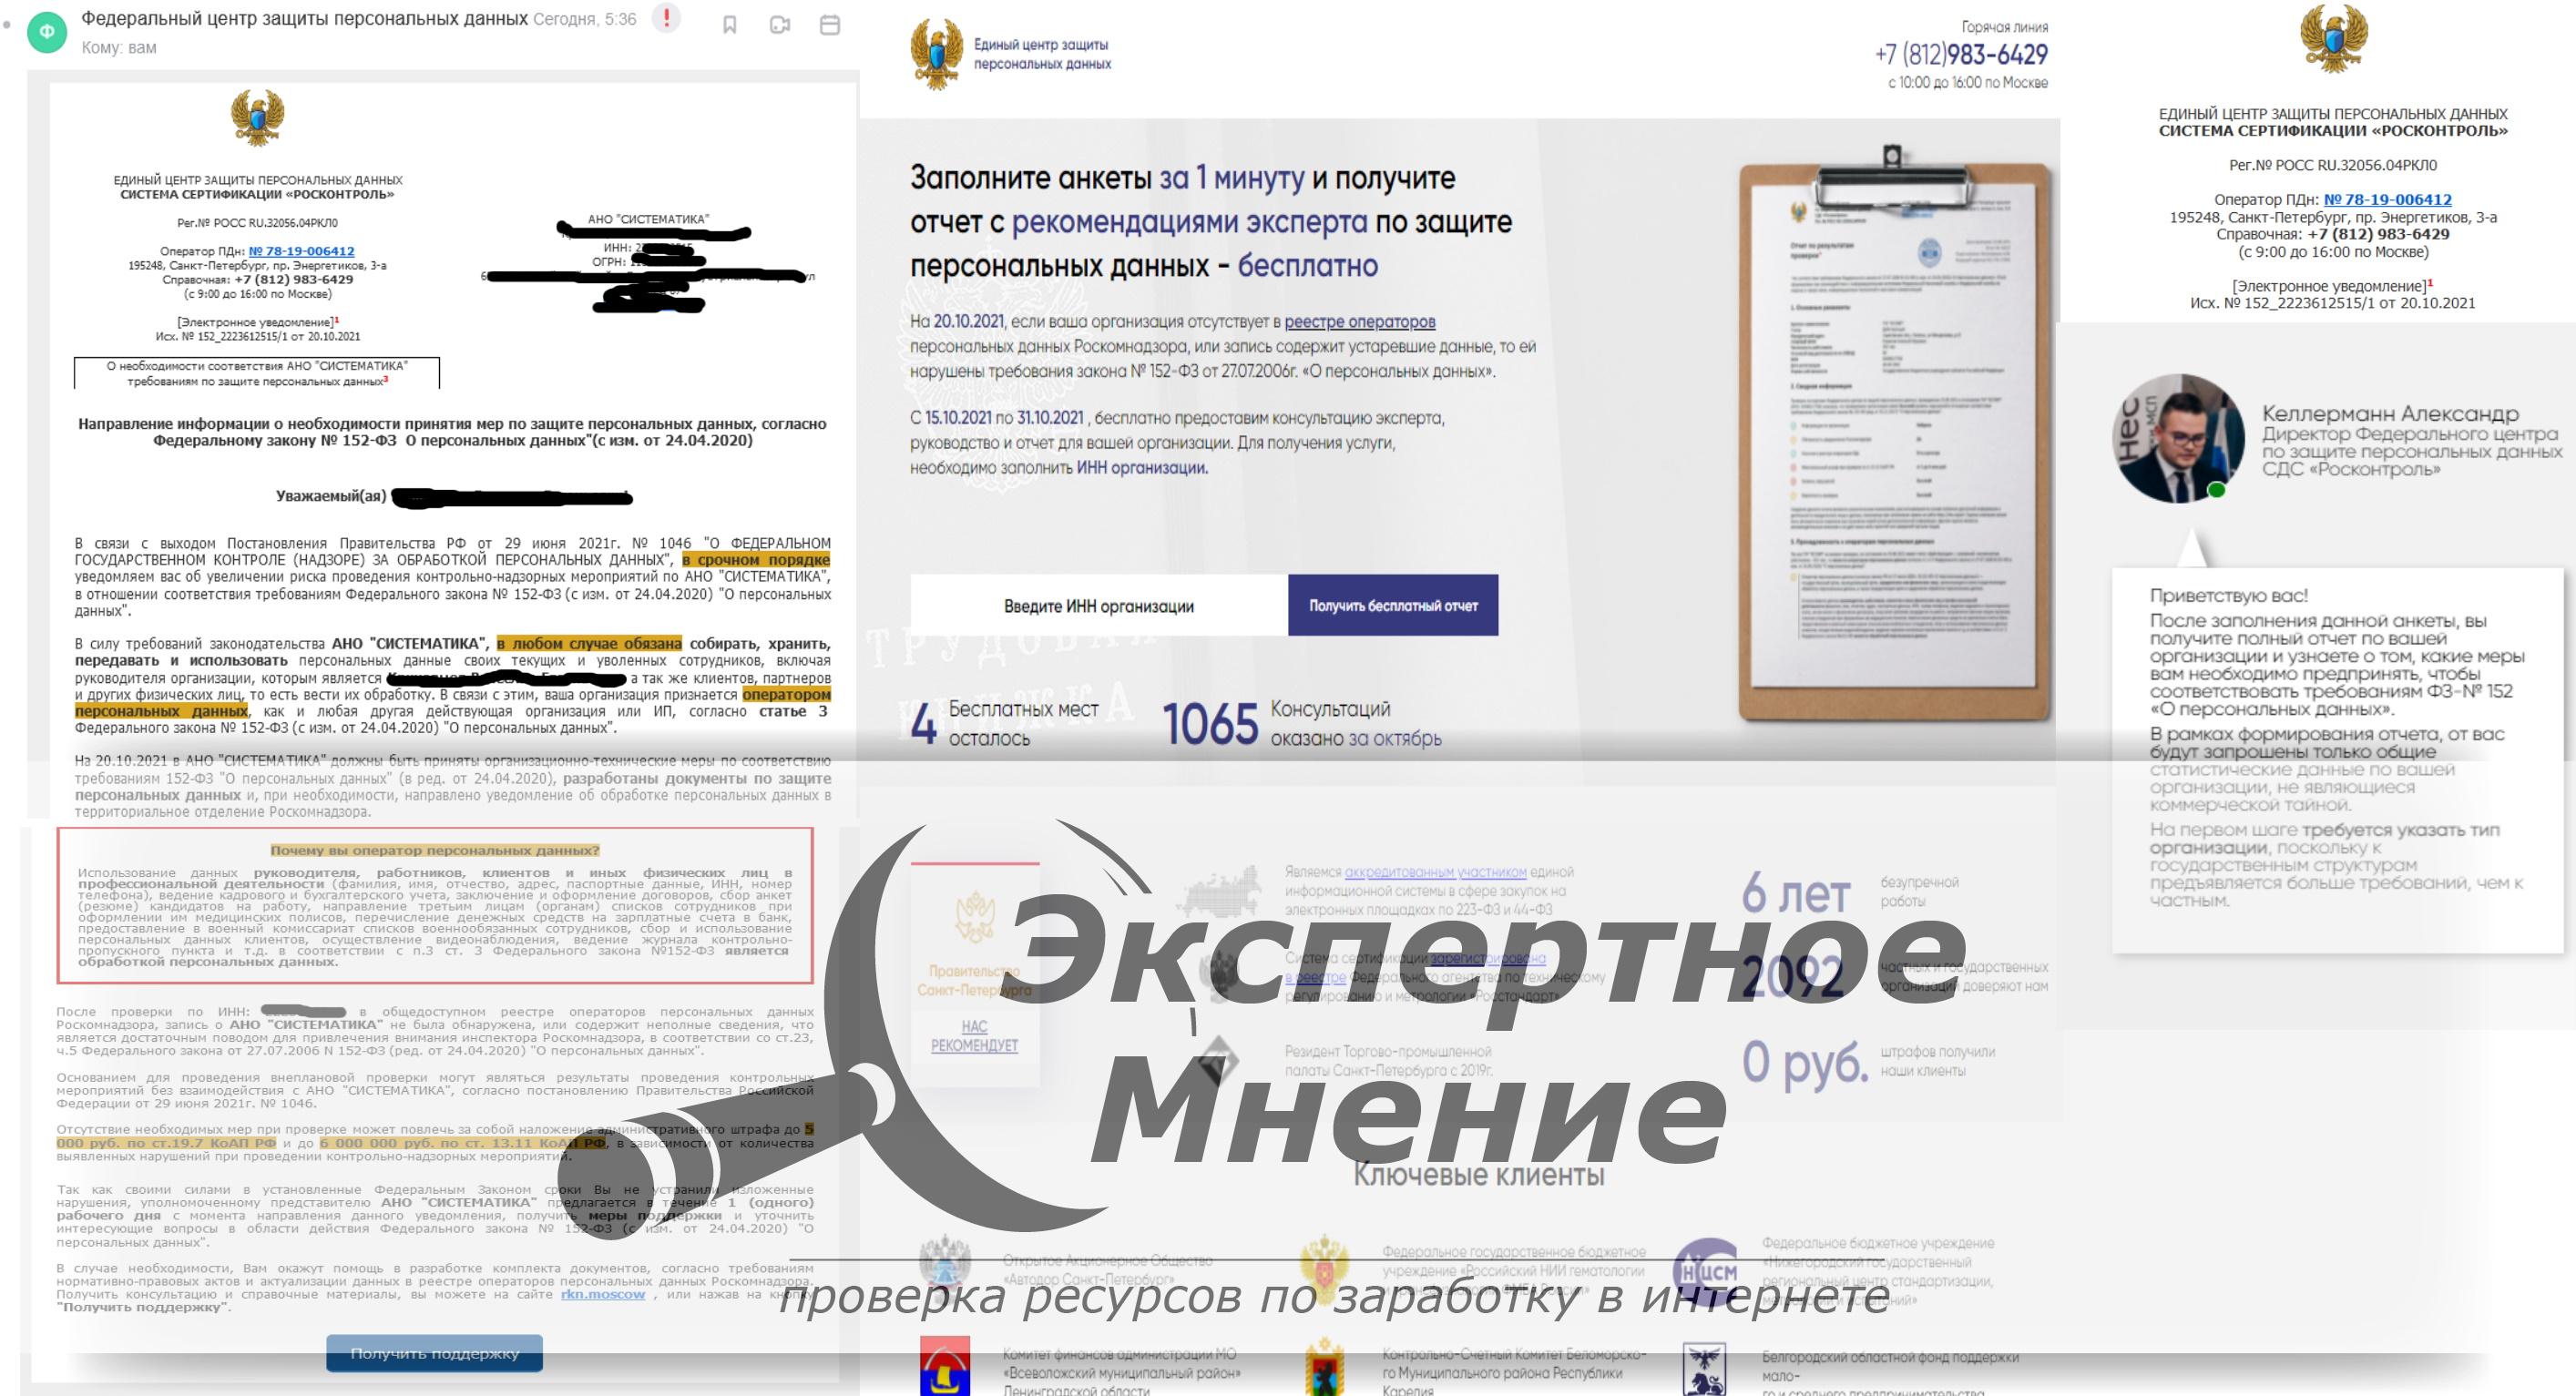 Росконтроль единый цент защиты персональных данных rkn.moscow rkn.expert